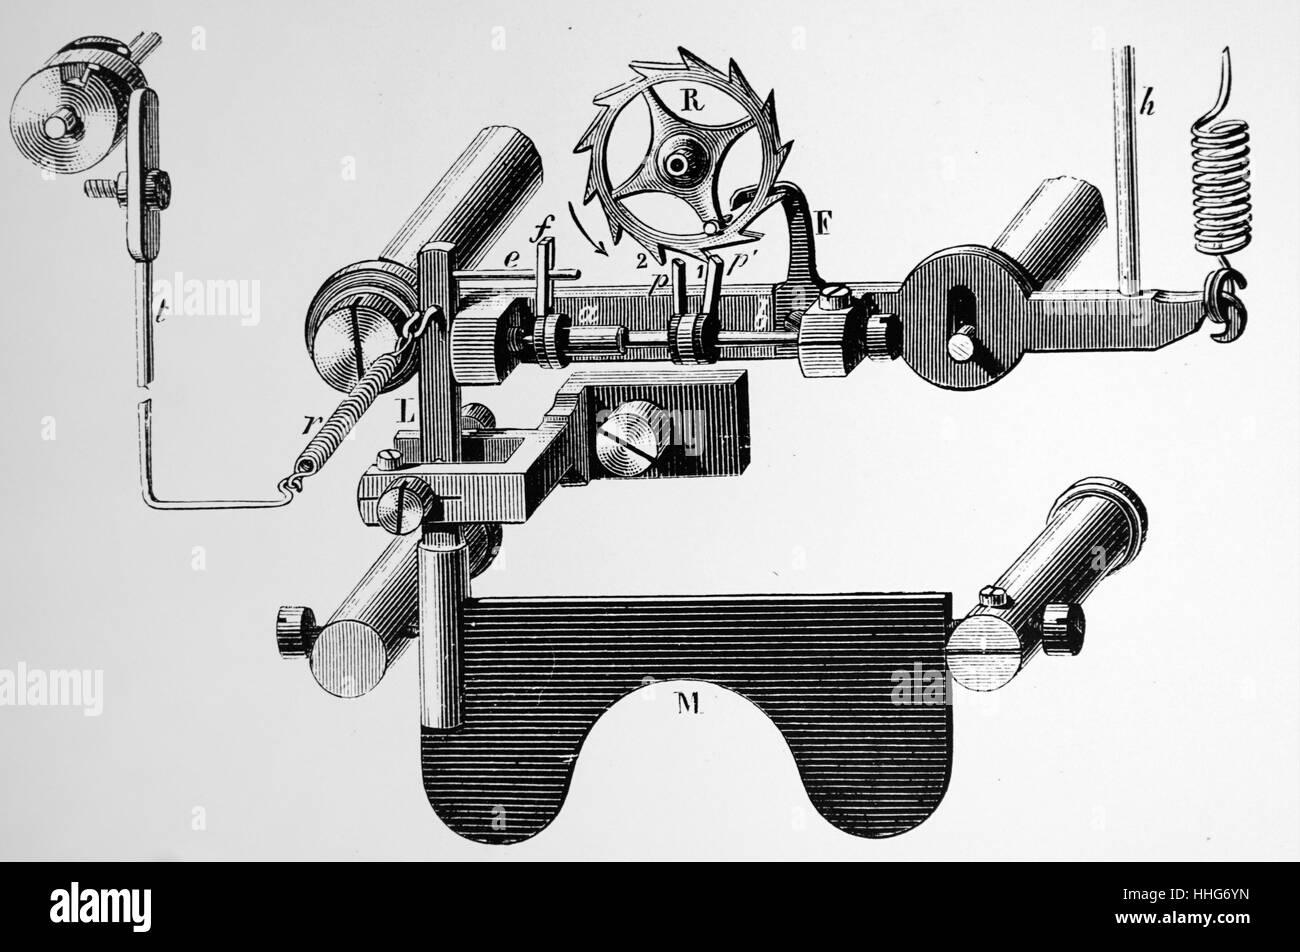 Mechanismus des Empfängers von Breguet Nadel telegraph. 1891. Stockbild